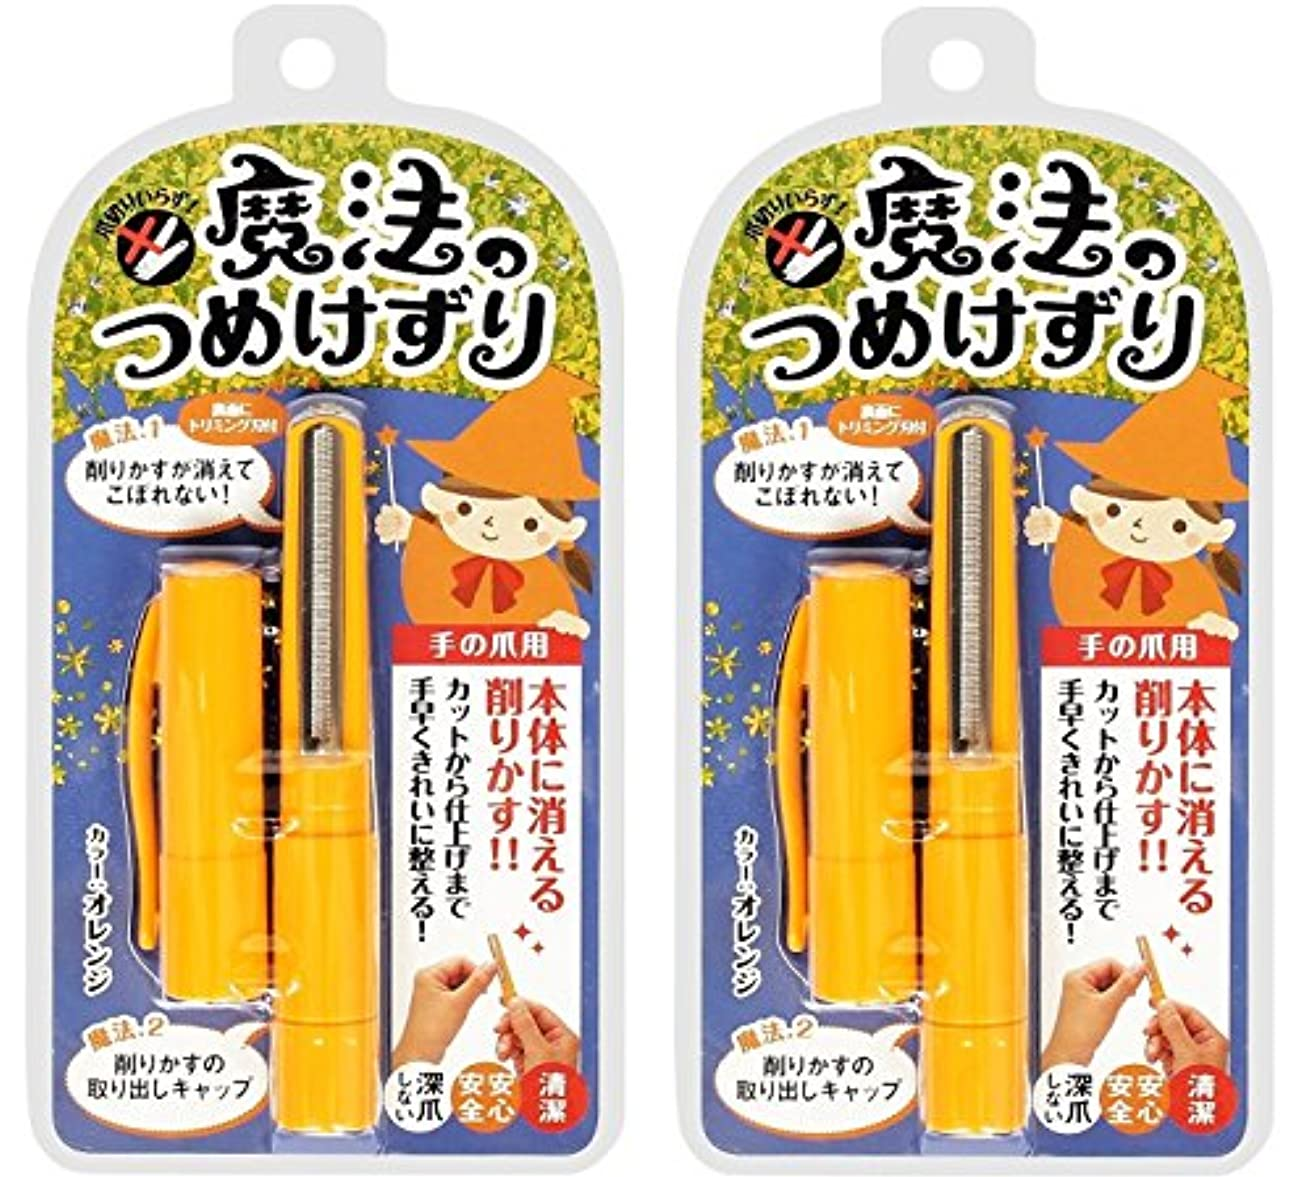 キャンディー宿命アライメント魔法のつめけずり (2個, オレンジ)